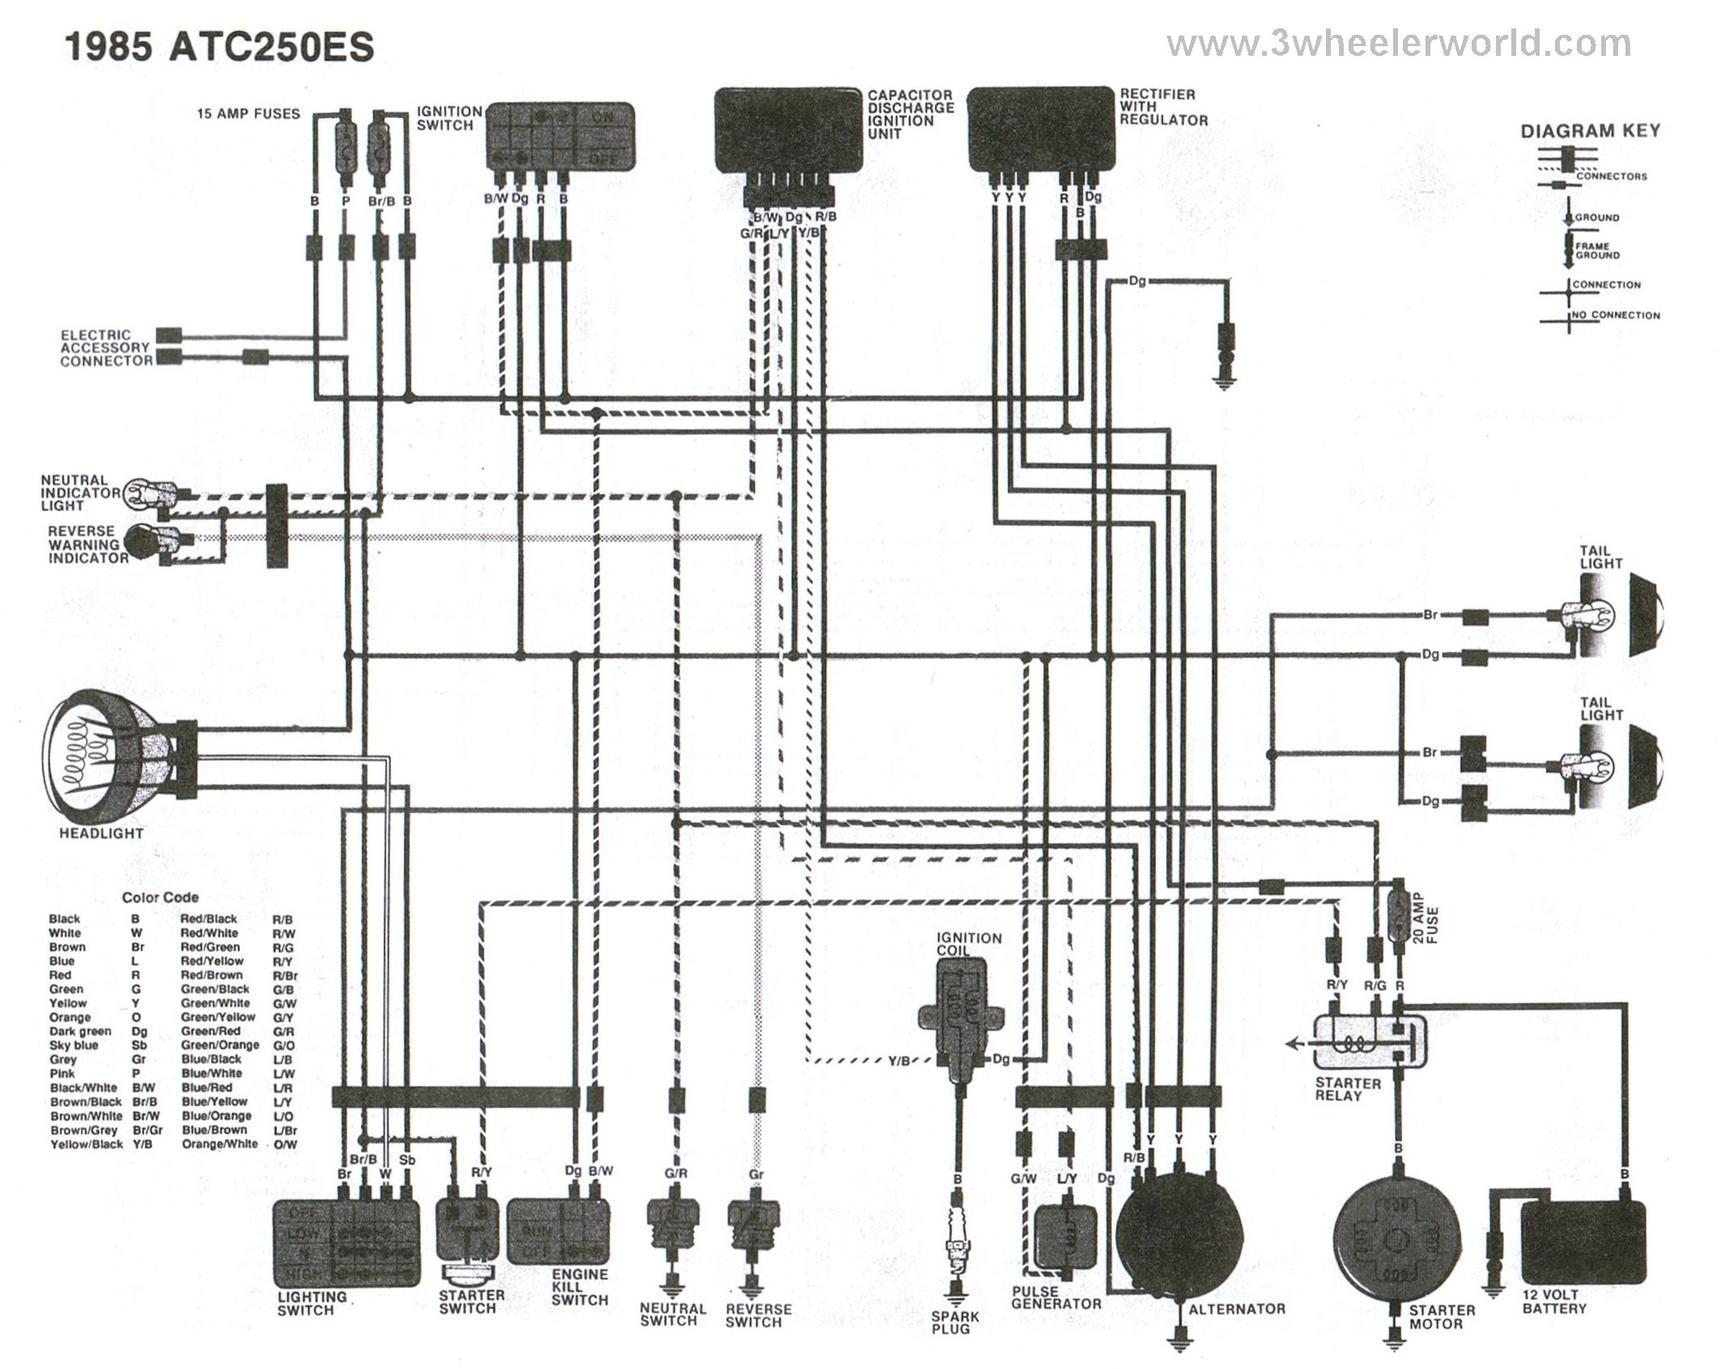 yamaha bear tracker 250 wiring diagram yamaha wiring diagram for yamaha 250 4 wheeler wiring auto wiring on yamaha bear tracker 250 wiring